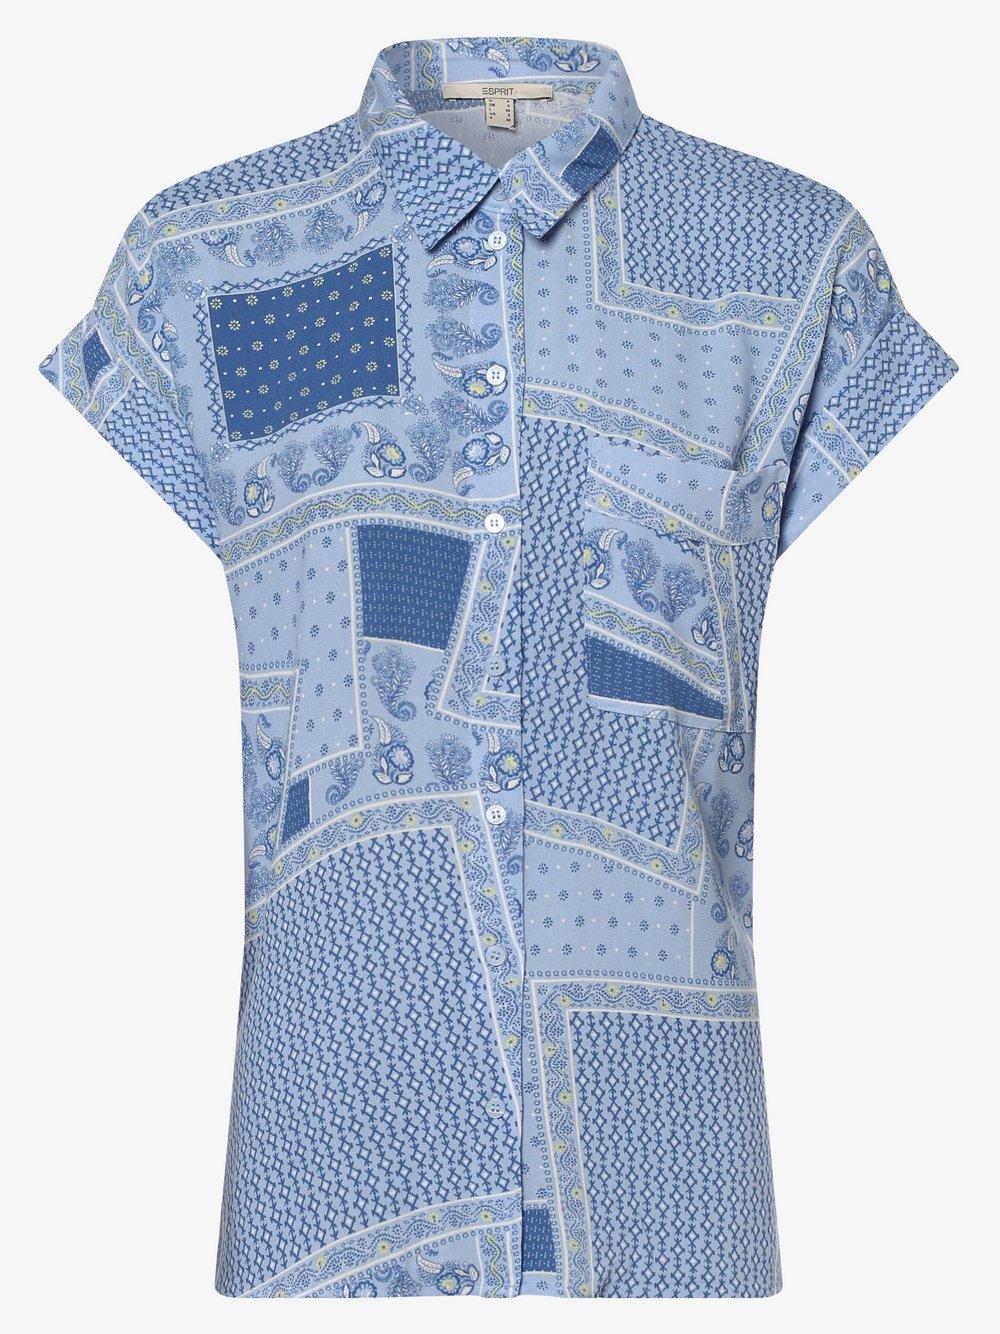 Esprit Casual – Bluzka damska, niebieski Van Graaf 473966-0001